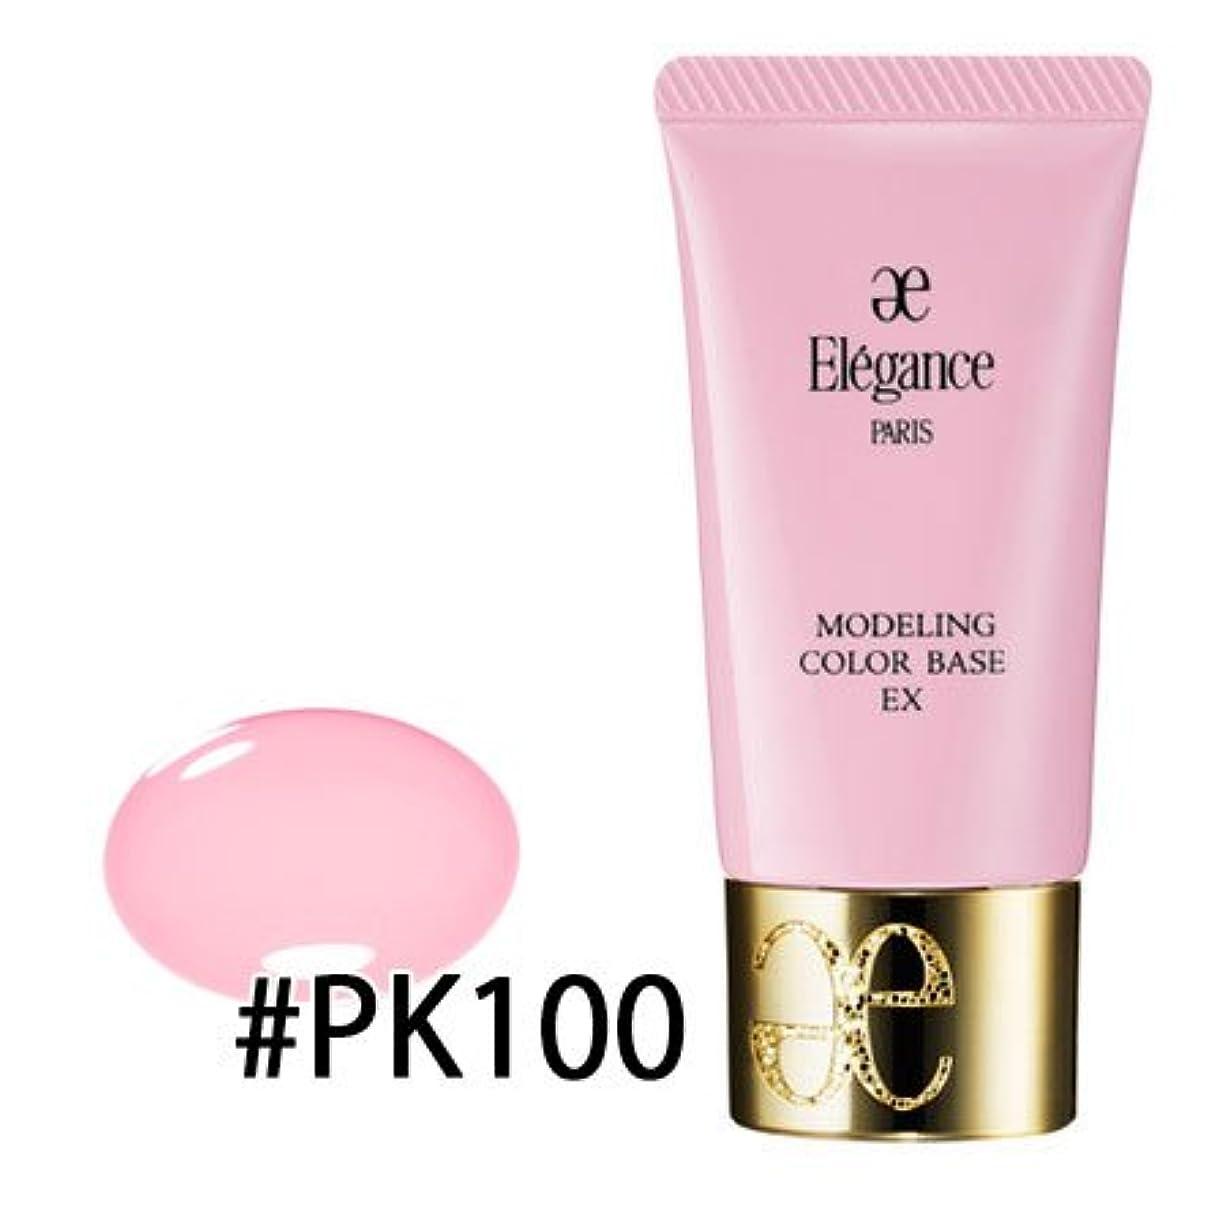 命令賞賛する小学生エレガンス モデリング カラーベース EX #PK100